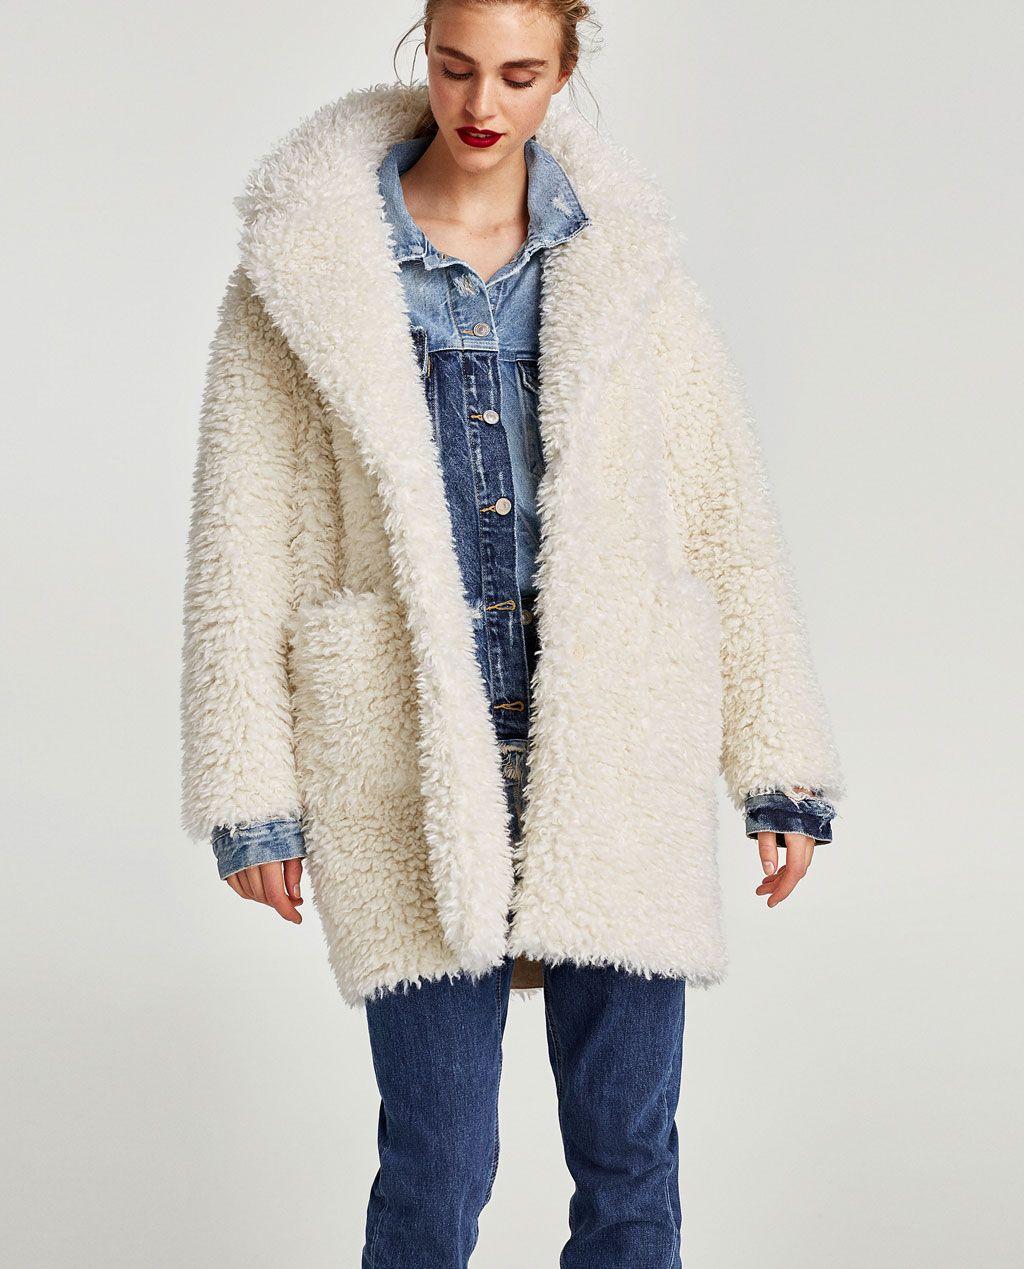 Zara abrigo textura pelo